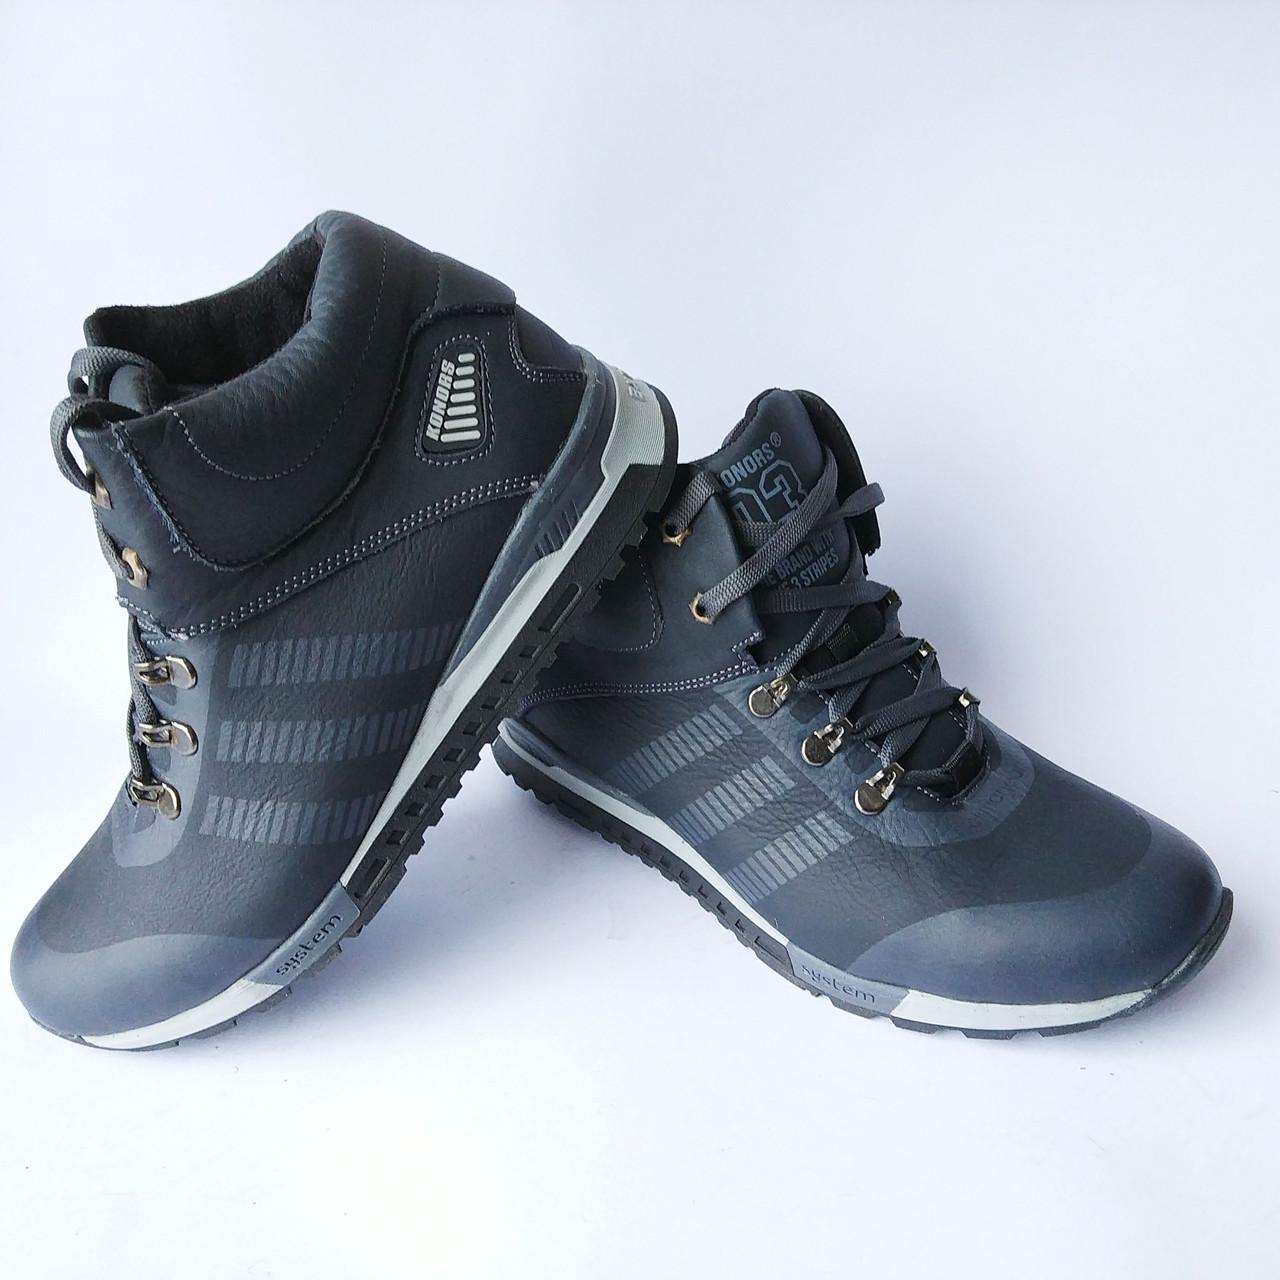 b9cb27d5728aa5 Мужская зимняя обувь Konors : кожаные кроссовки, синего цвета, на шерсти